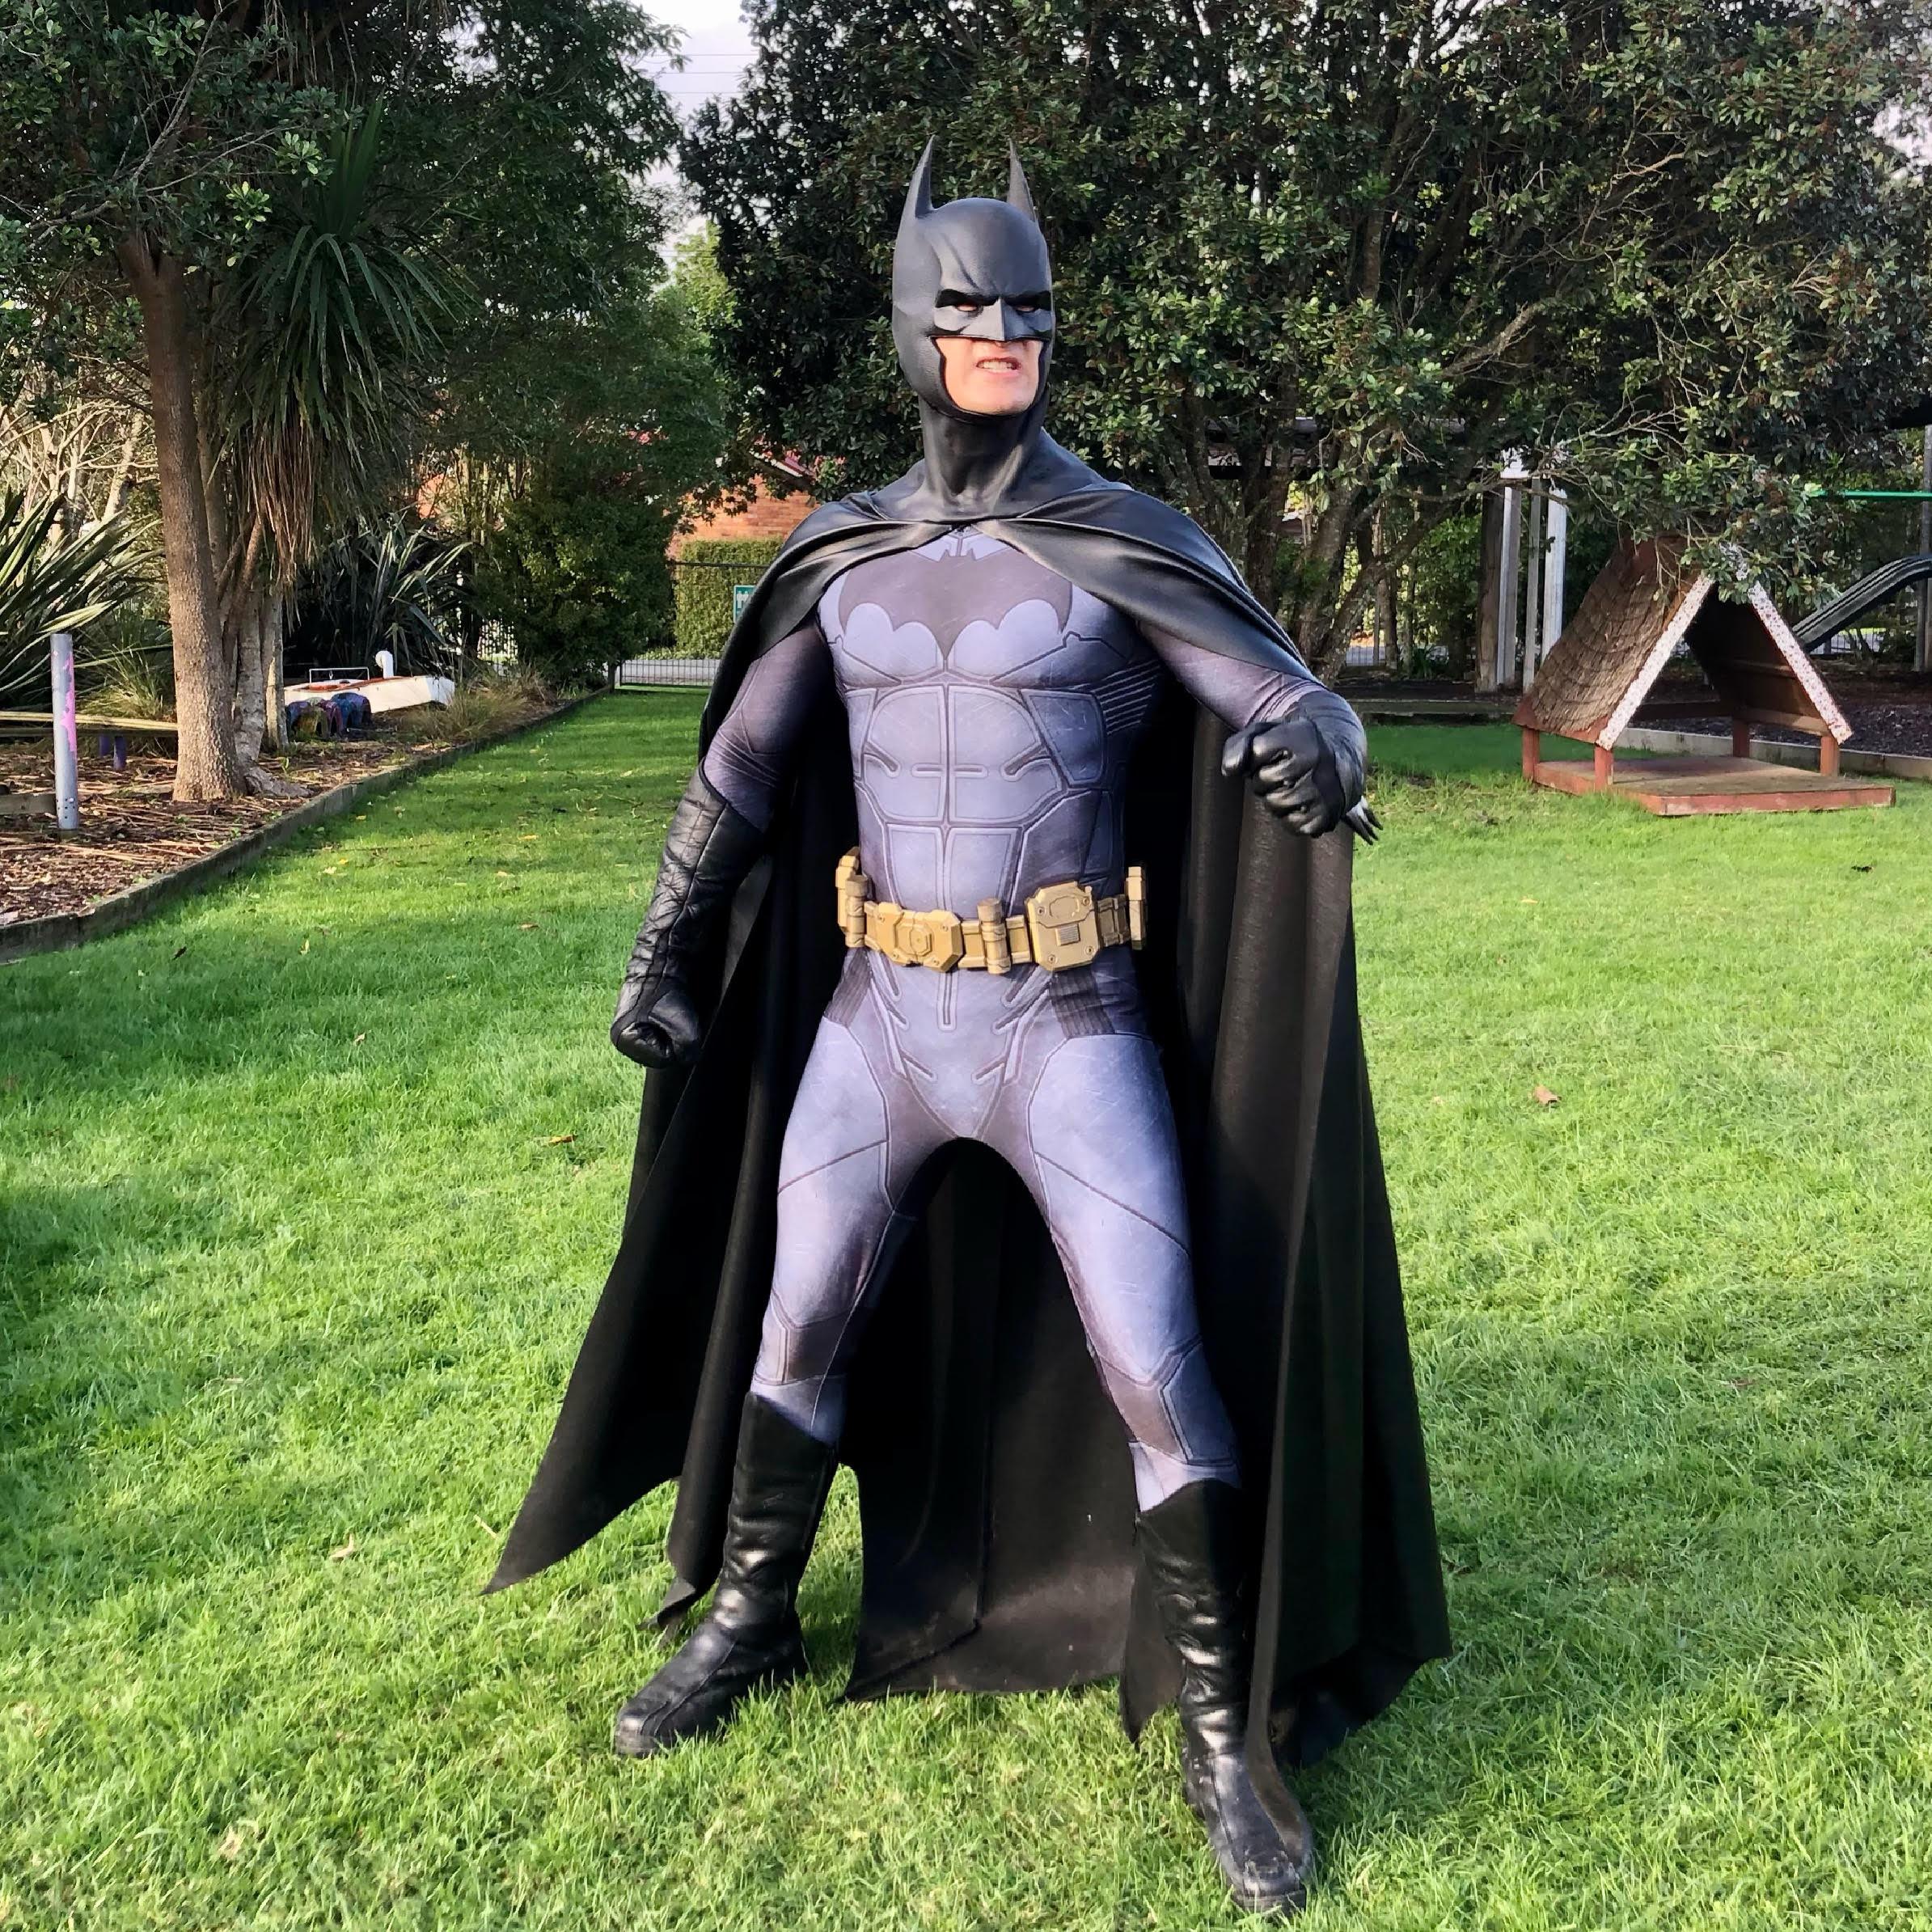 Batman - Super Fun Parties